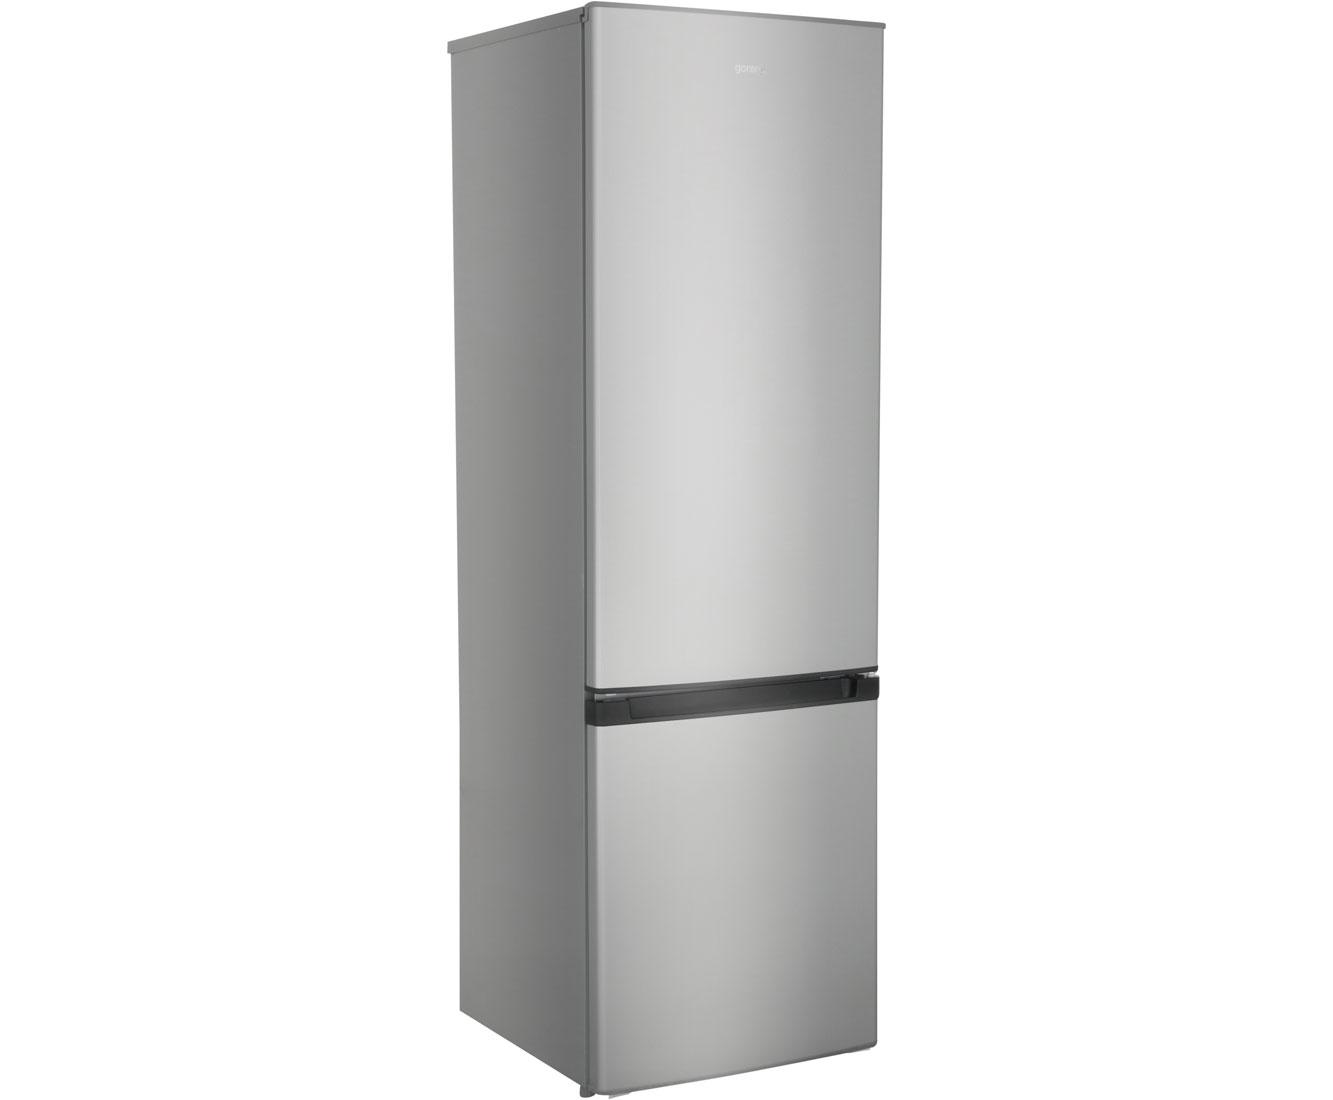 Gorenje Kühlschrank Test : Gorenje kühl gefrierkombination test: beko kühlschränke test